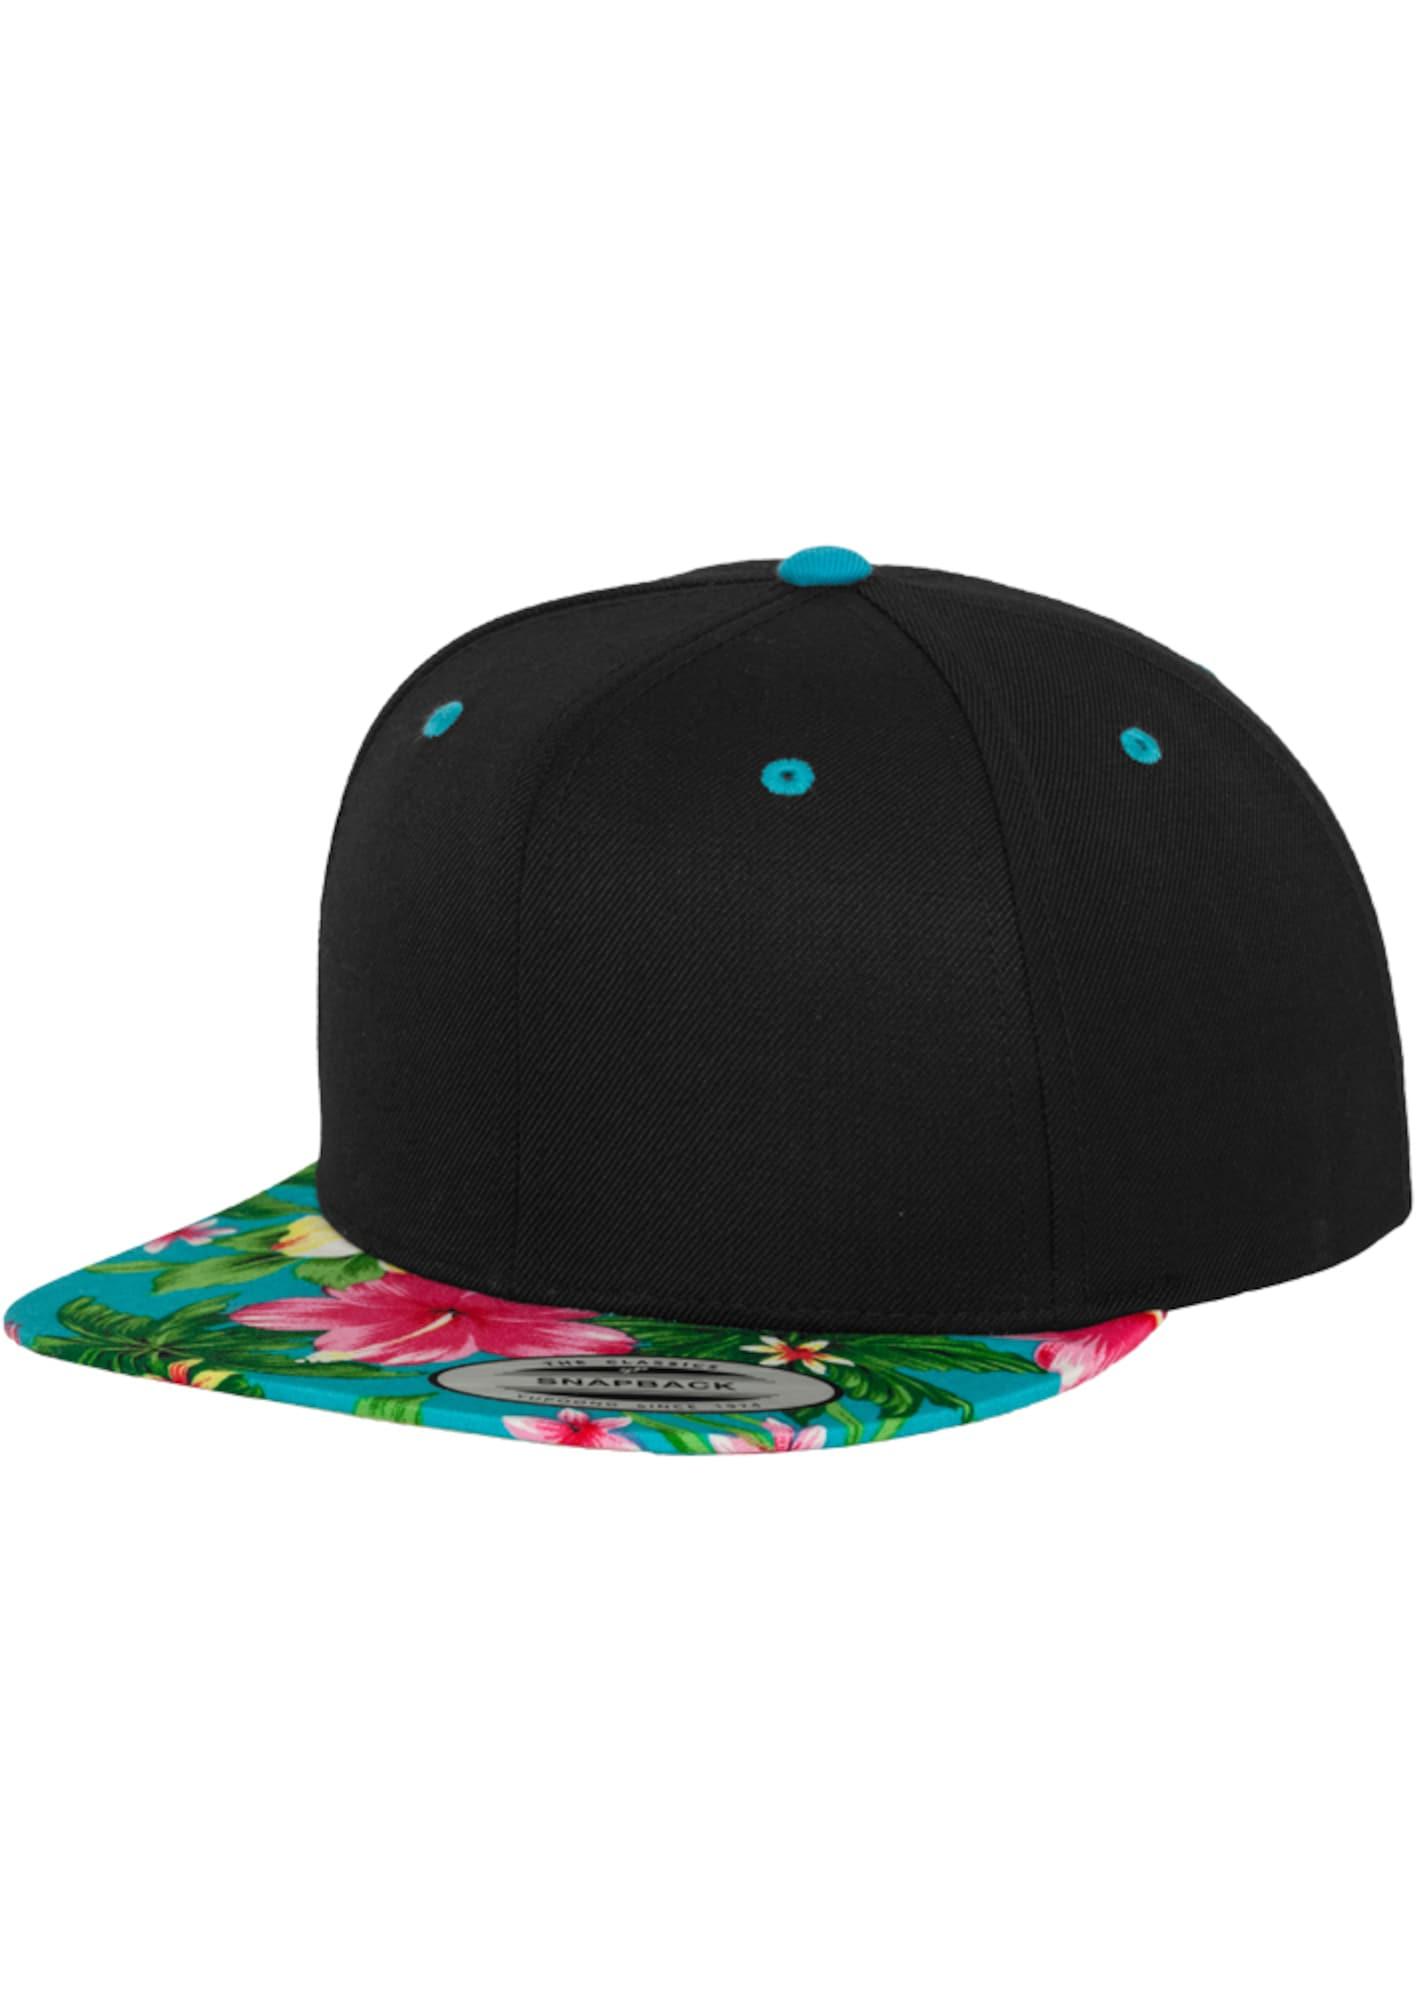 Cap 'Hawaiian' | Accessoires > Caps > Sonstige Caps | Aqua - Schwarz | Flexfit